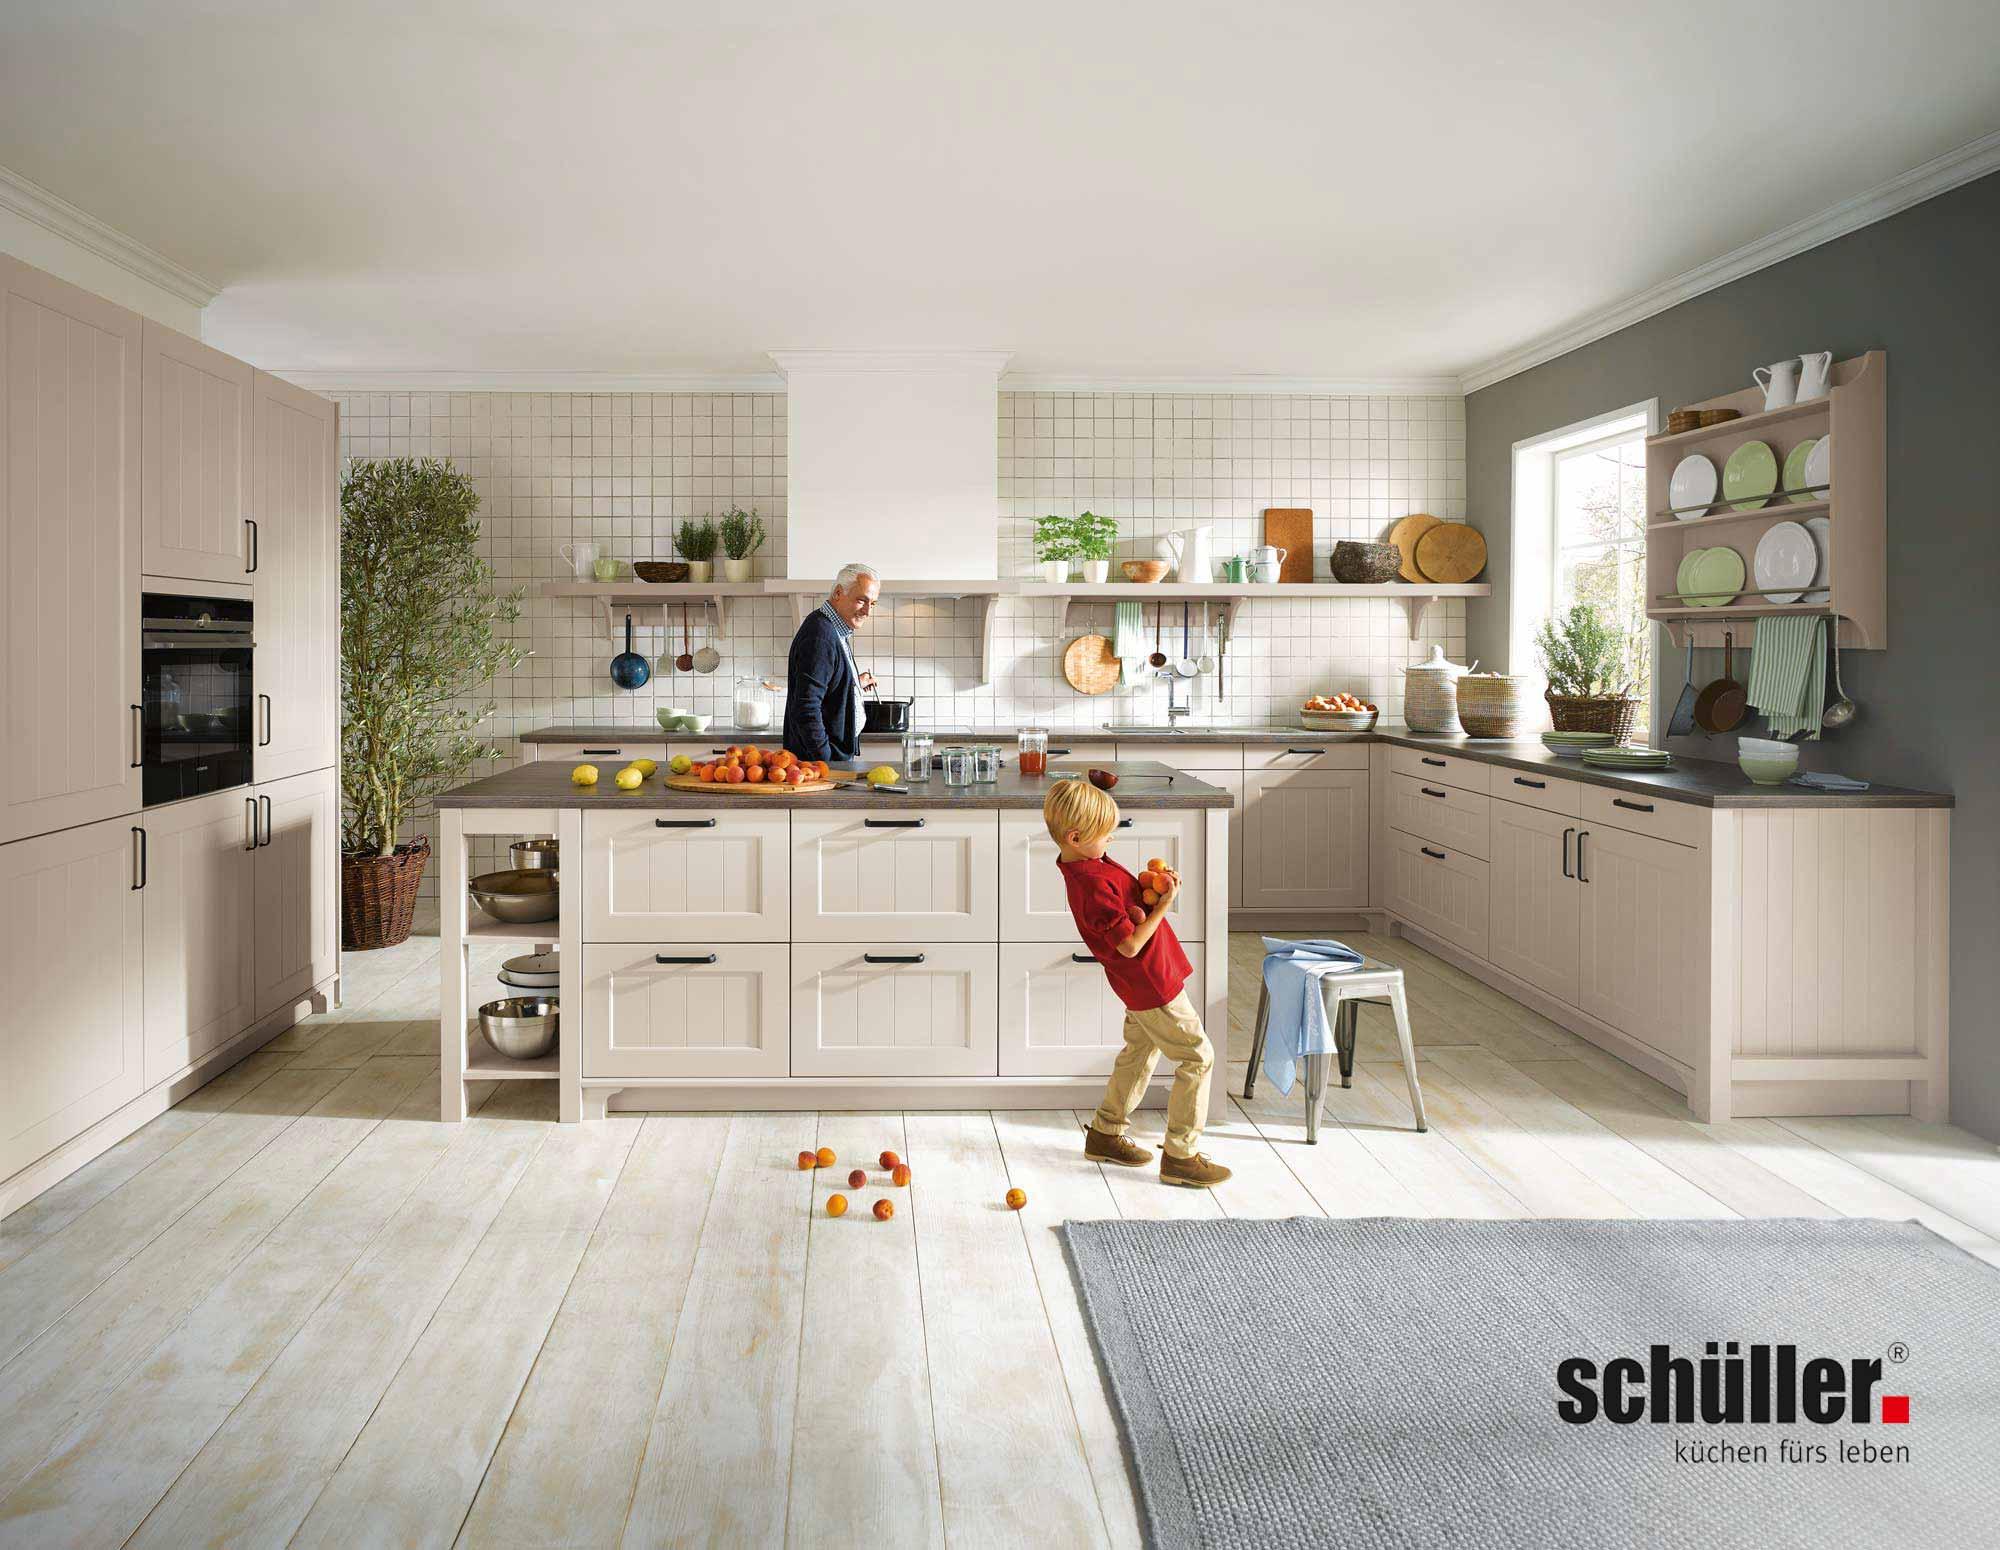 Full Size of Küche Grün Matt Küche In Grün Gestalten Küche Grün Rot Küche Dekoration Grün Küche Küche Mintgrün